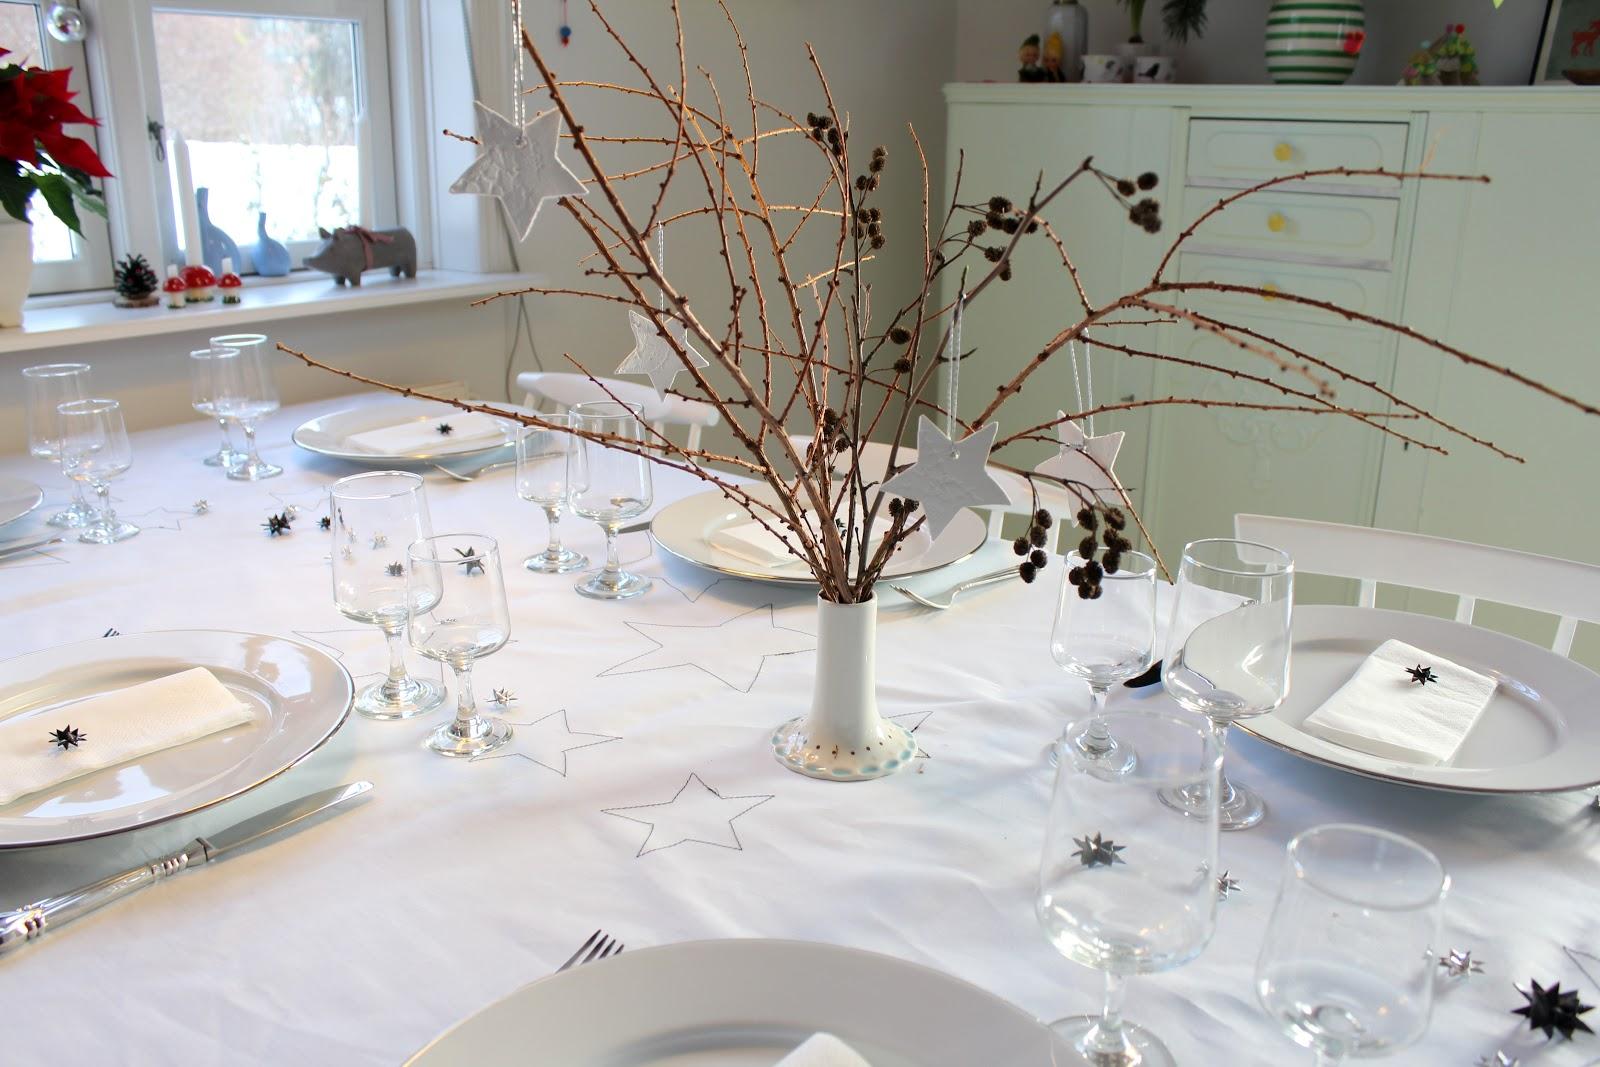 hvide blomster til bordpynt